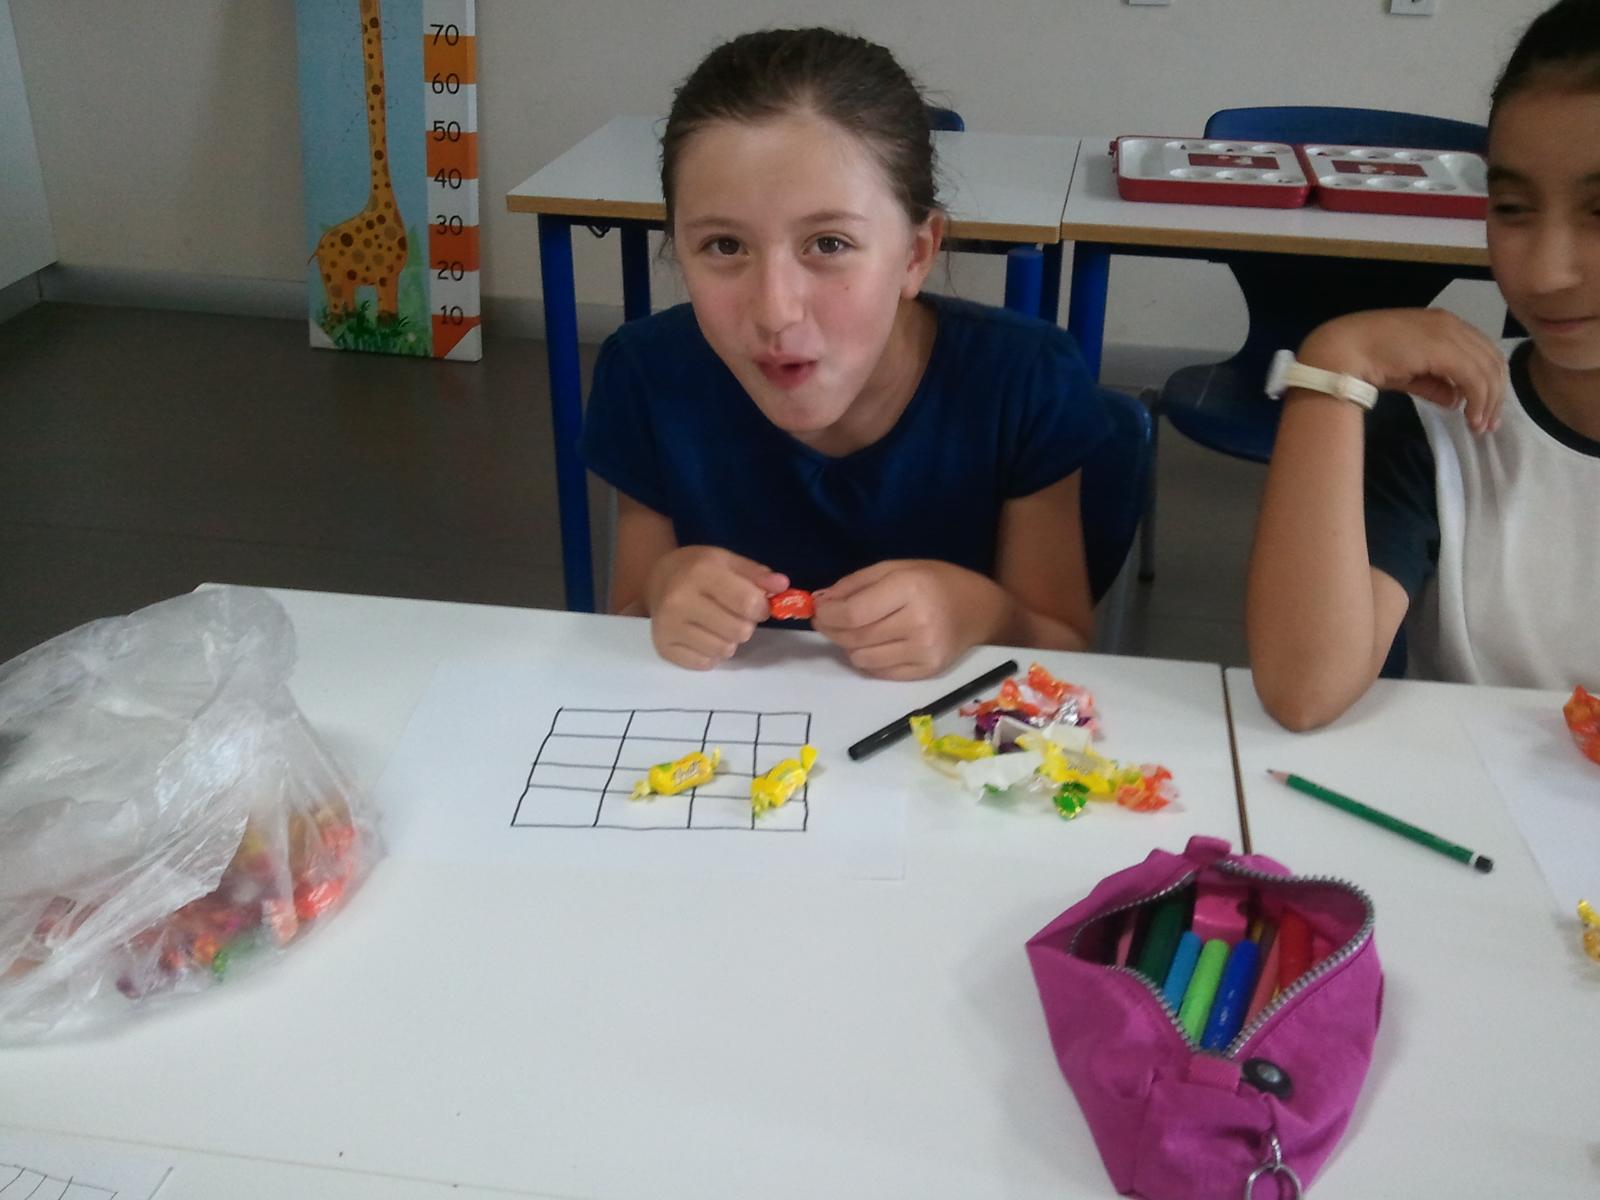 Dahi beyinler oyun temelli eğitim